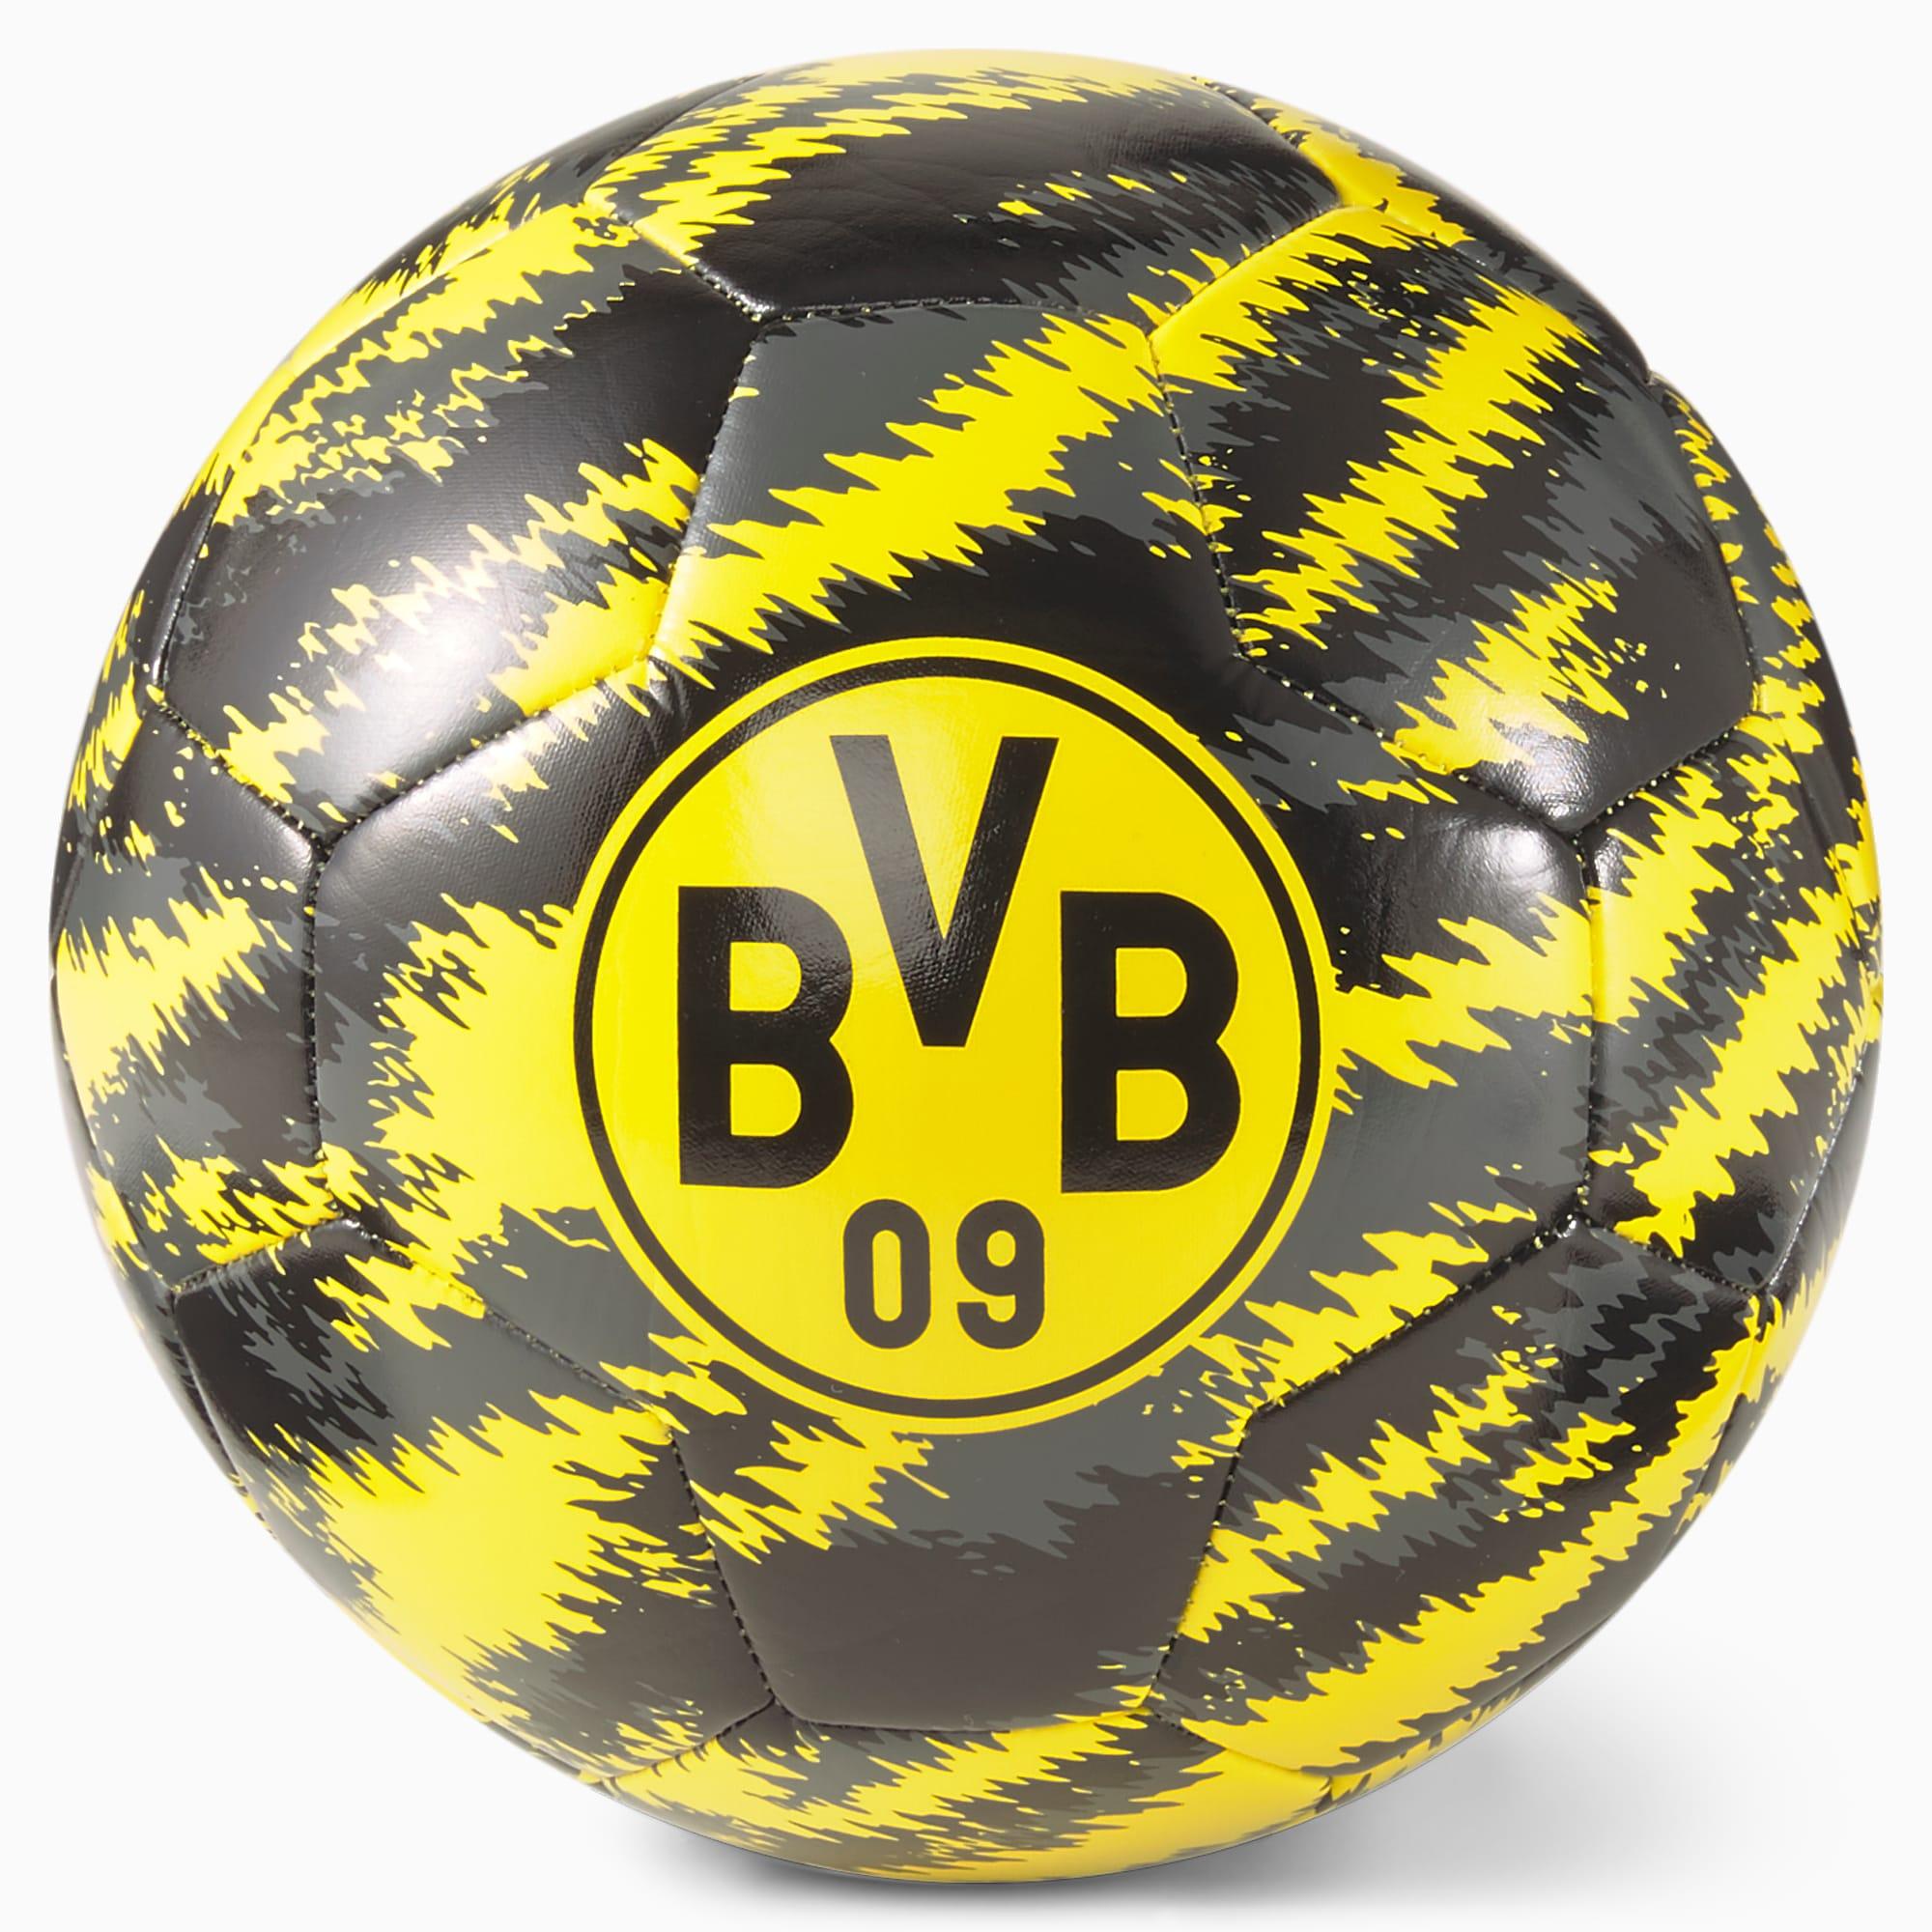 PUMA BVB Iconic Big Cat Fußball | Schwarz | Größe: 5